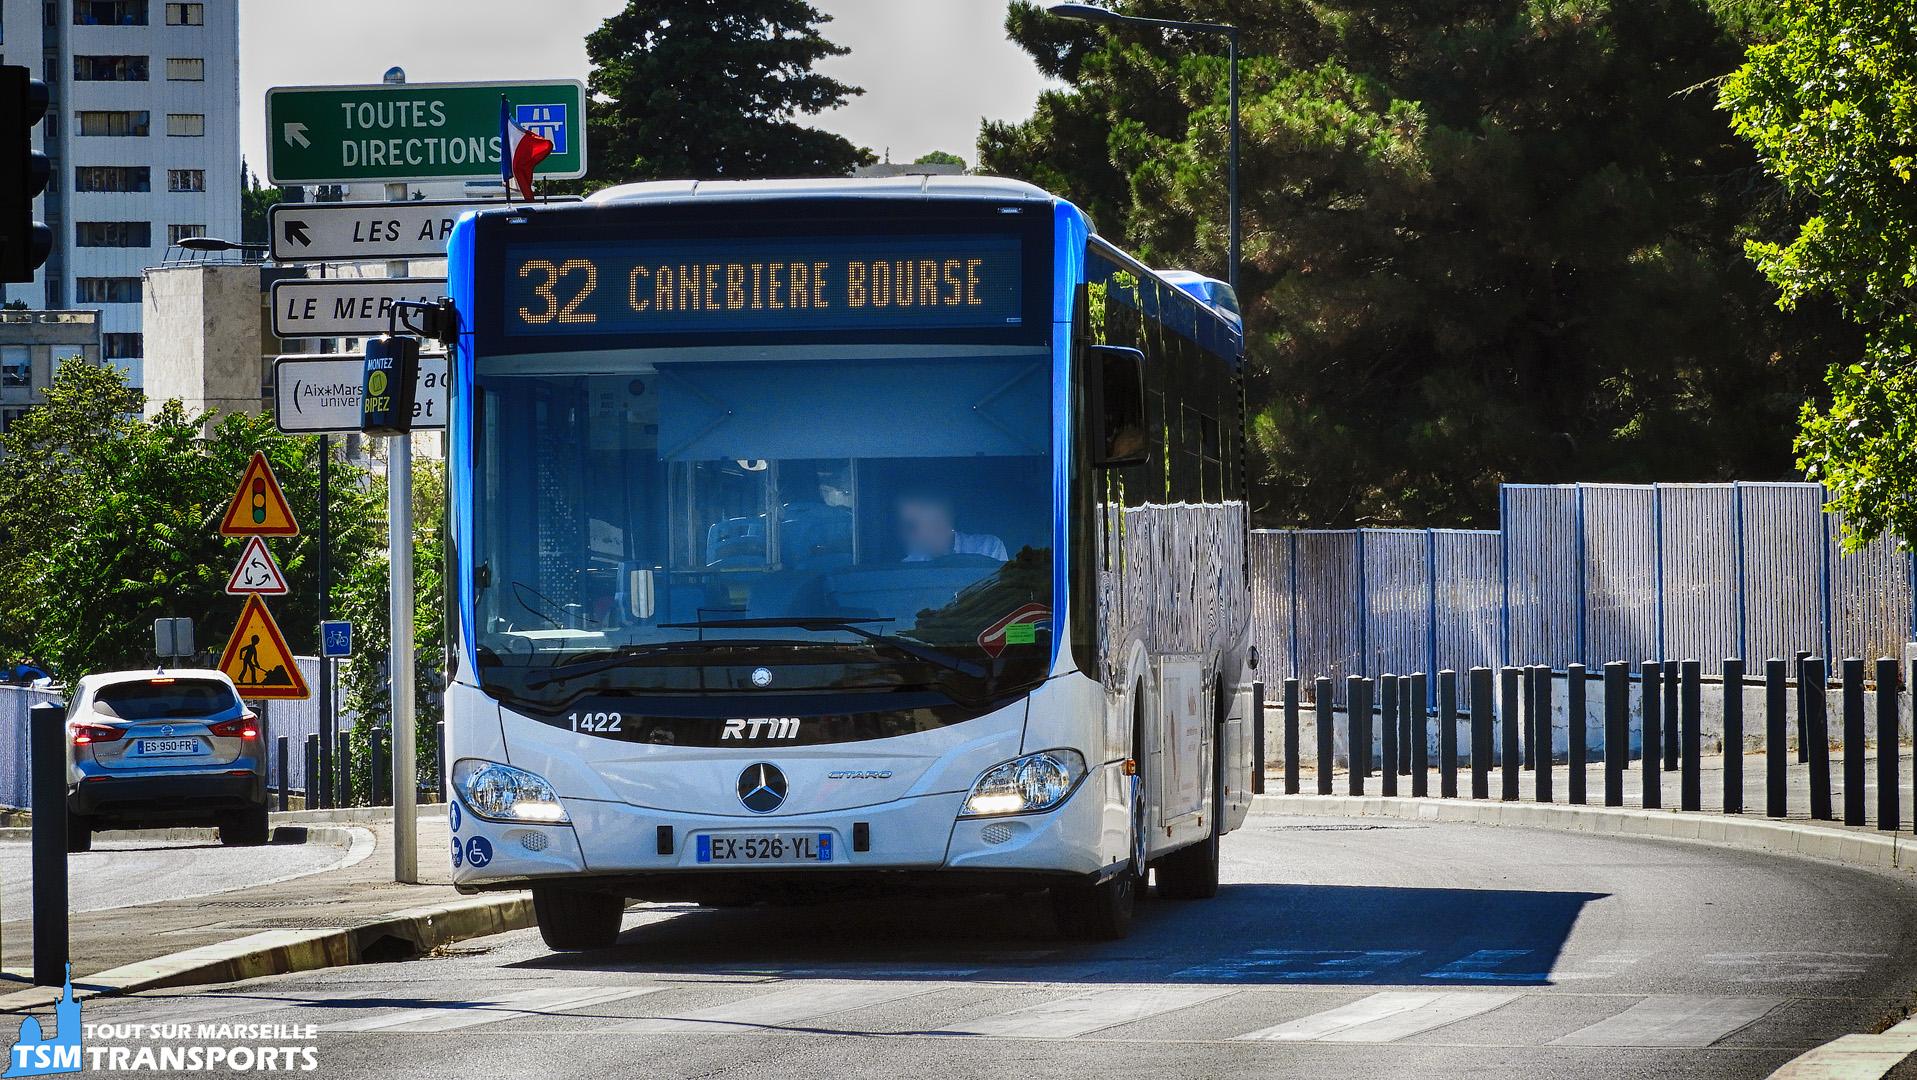 Mercedes Benz Citaro 2 Euro 6  RTM